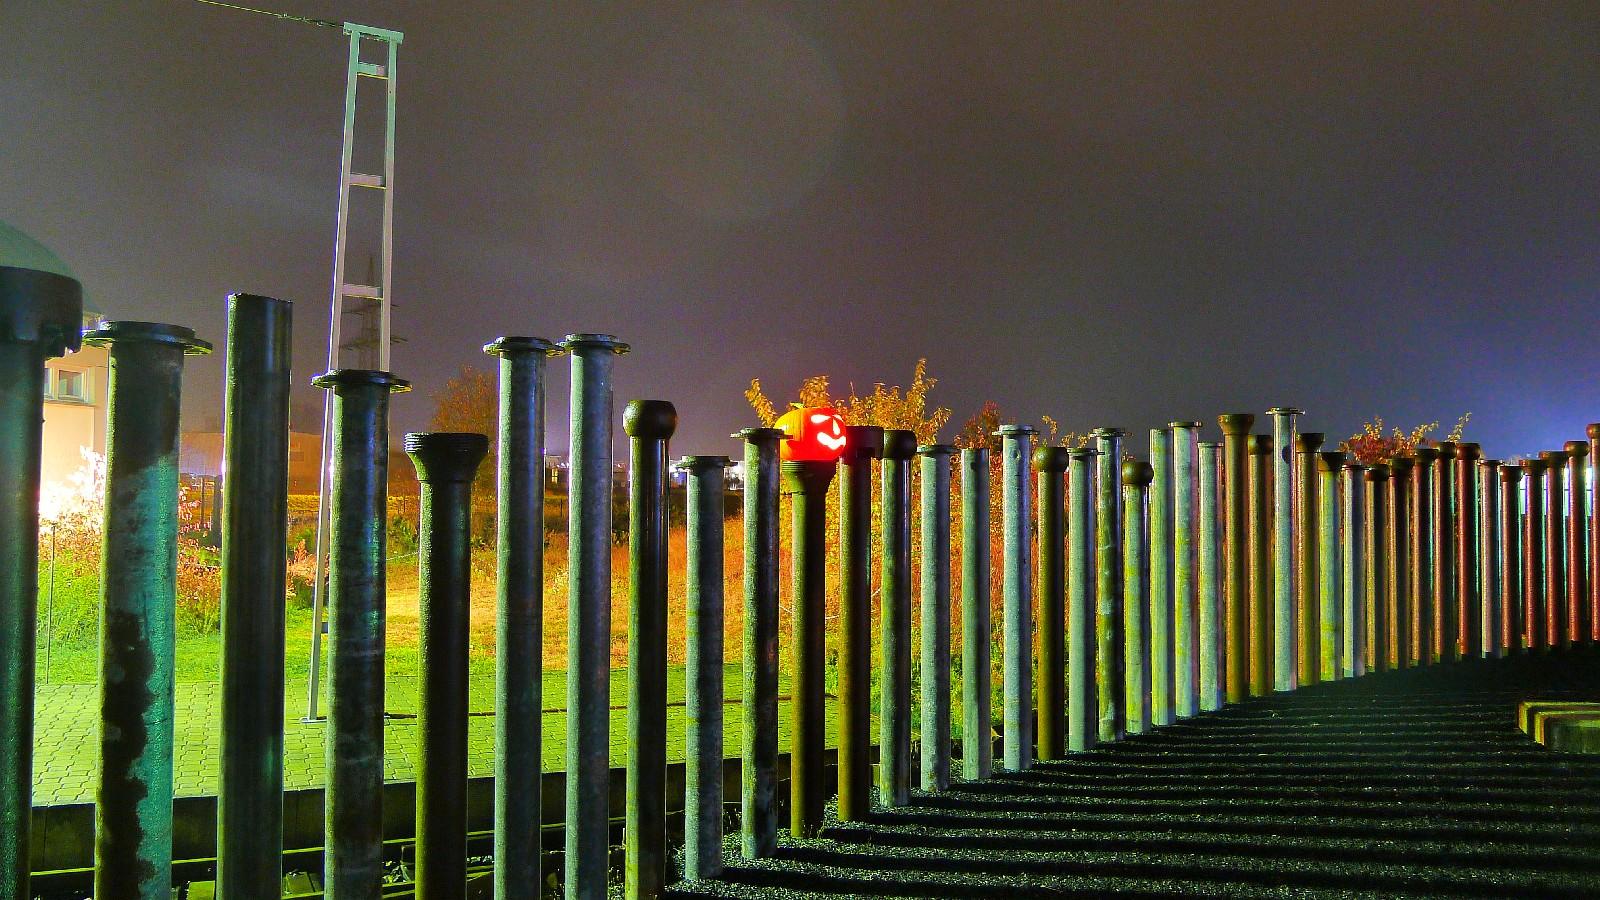 Industriekultur bei Nacht im Museum Borken (Hessen)